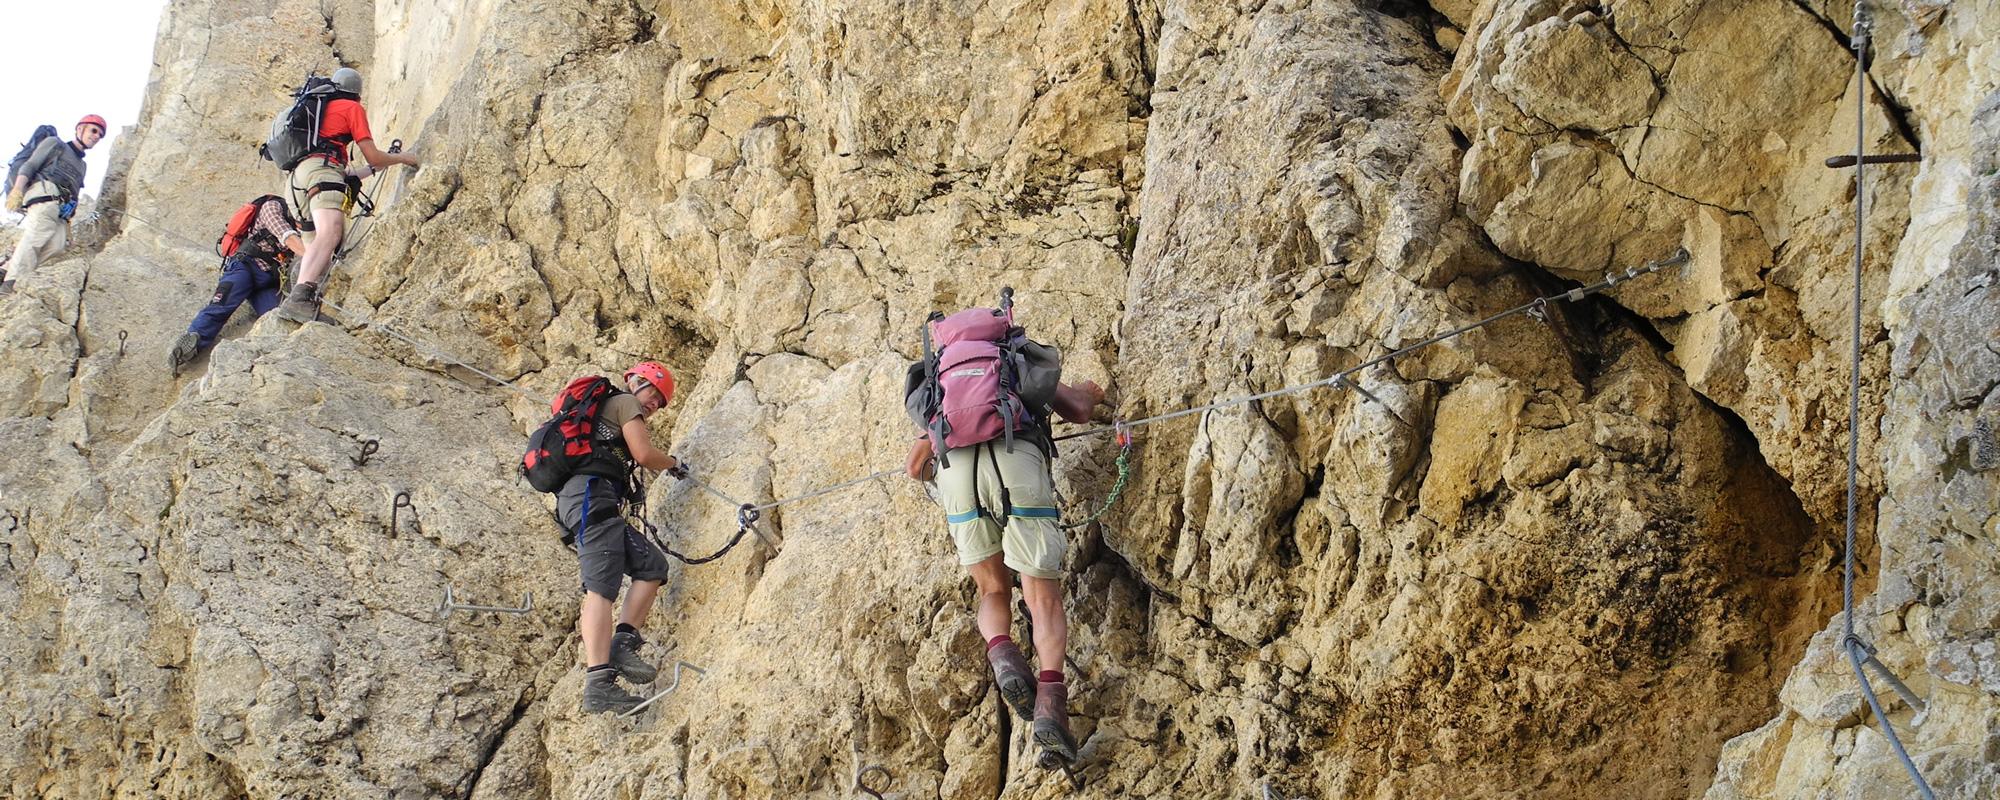 slide-07-klettersteig